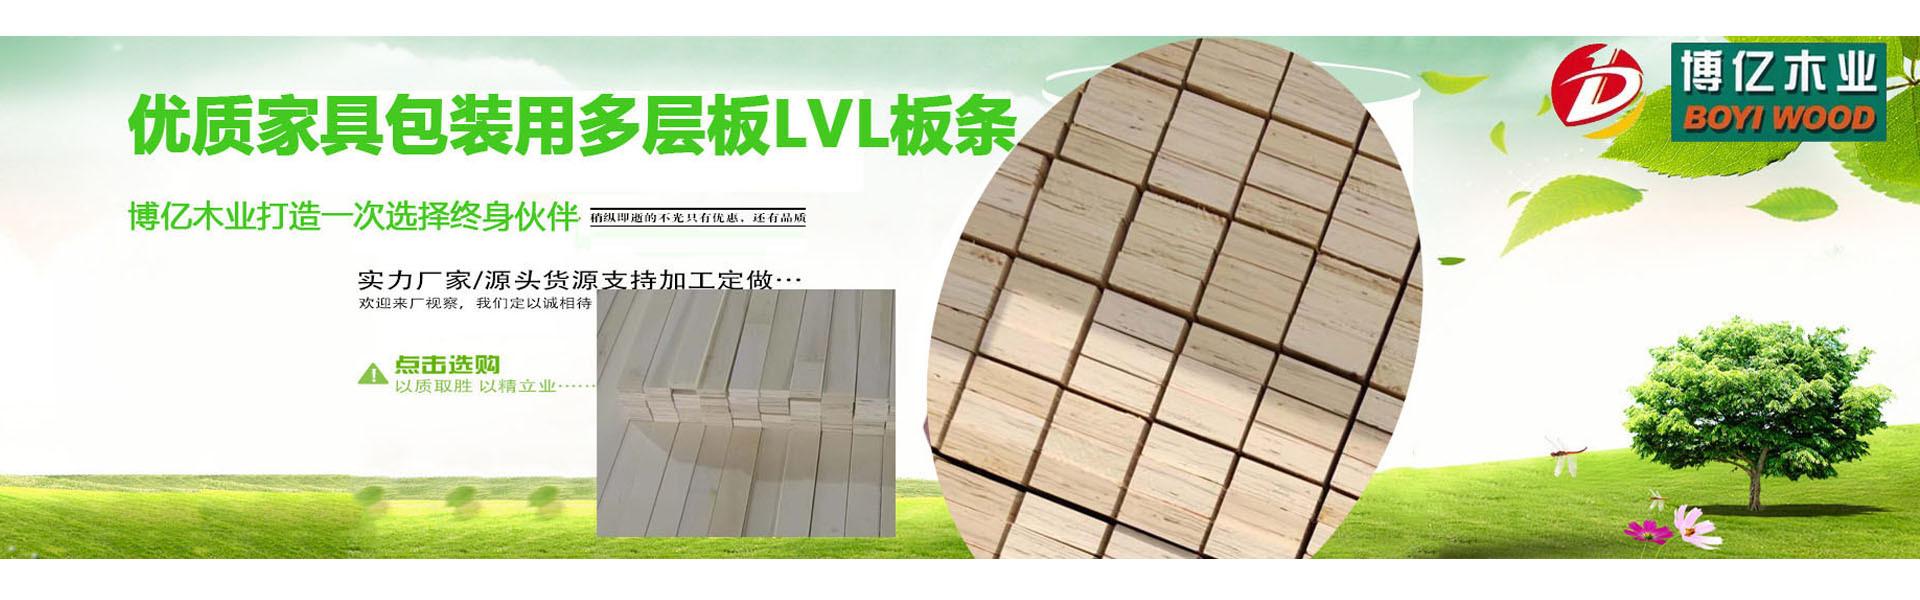 免熏蒸木方,LVL多层板,免熏蒸LVL木方,木方LVL,LVL木方